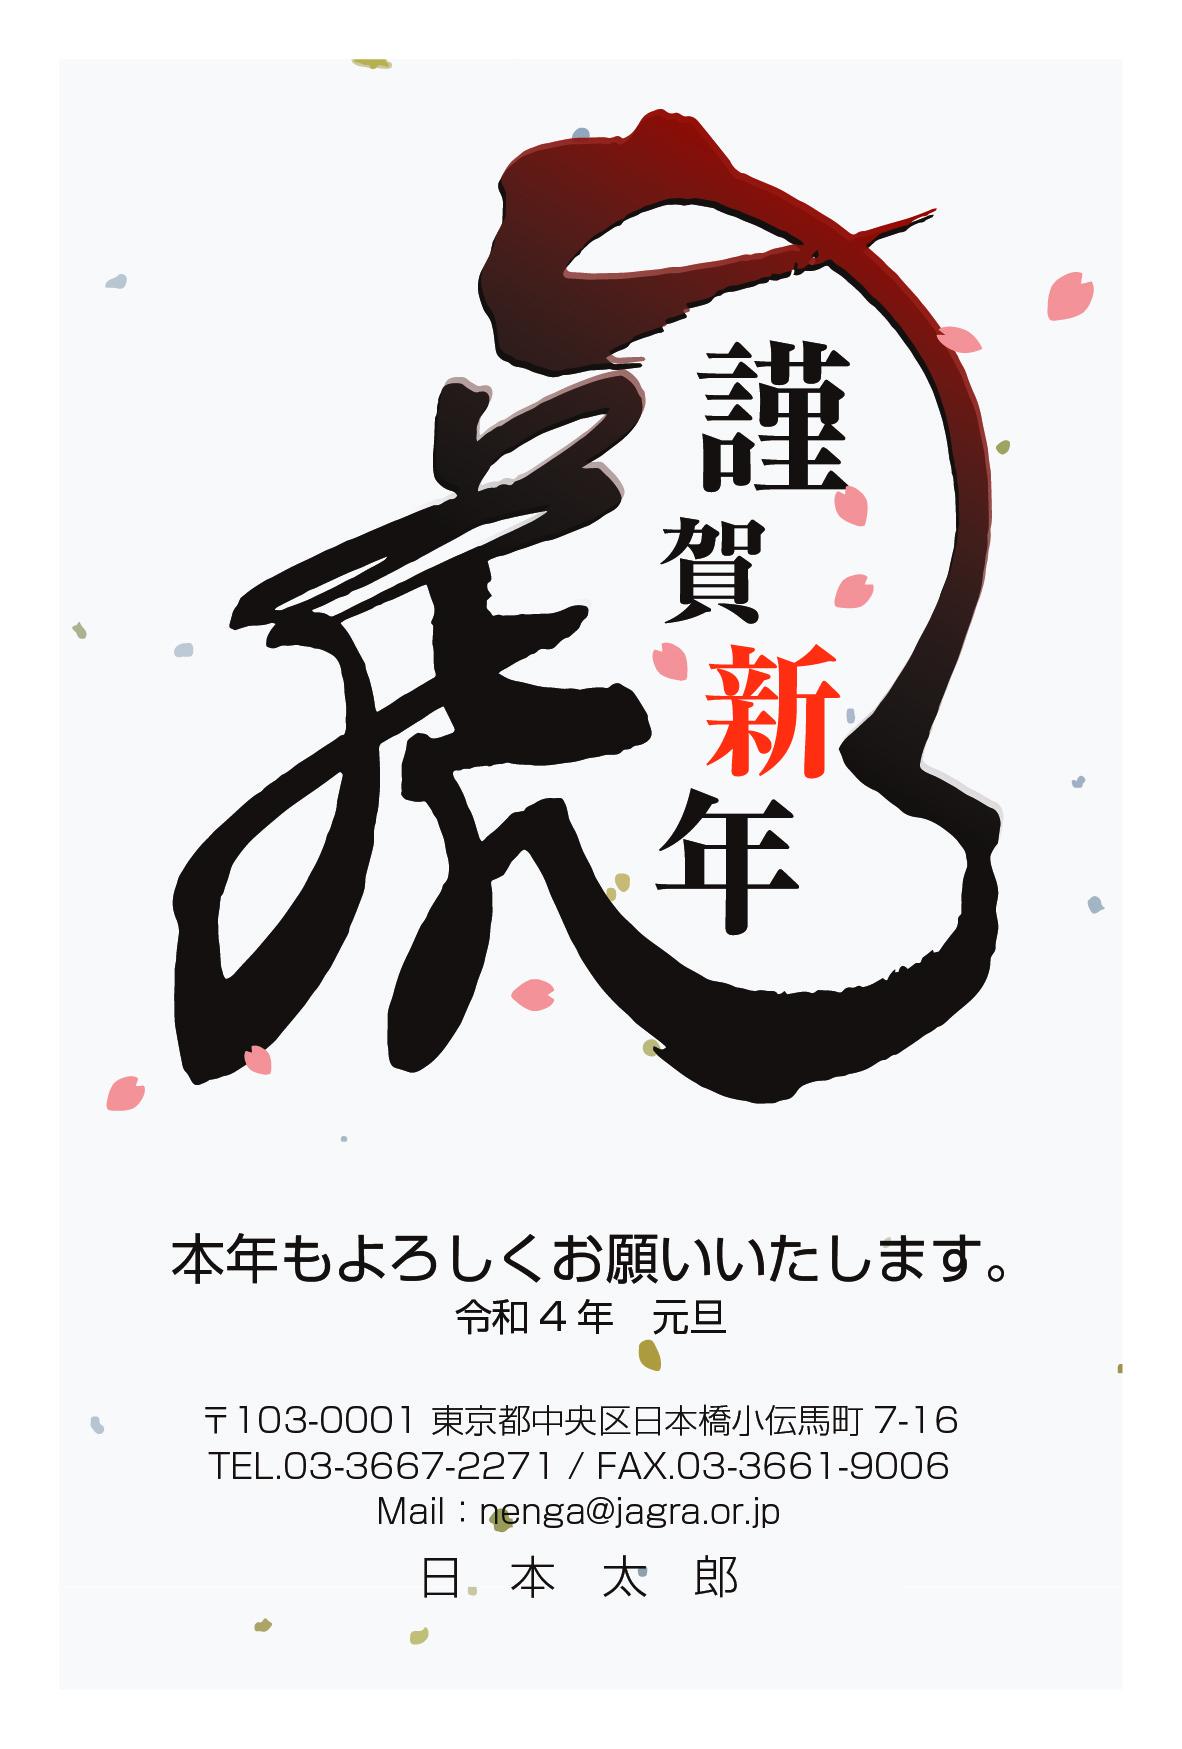 会長賞カラー部門のニシキプリント(広島県支部 )